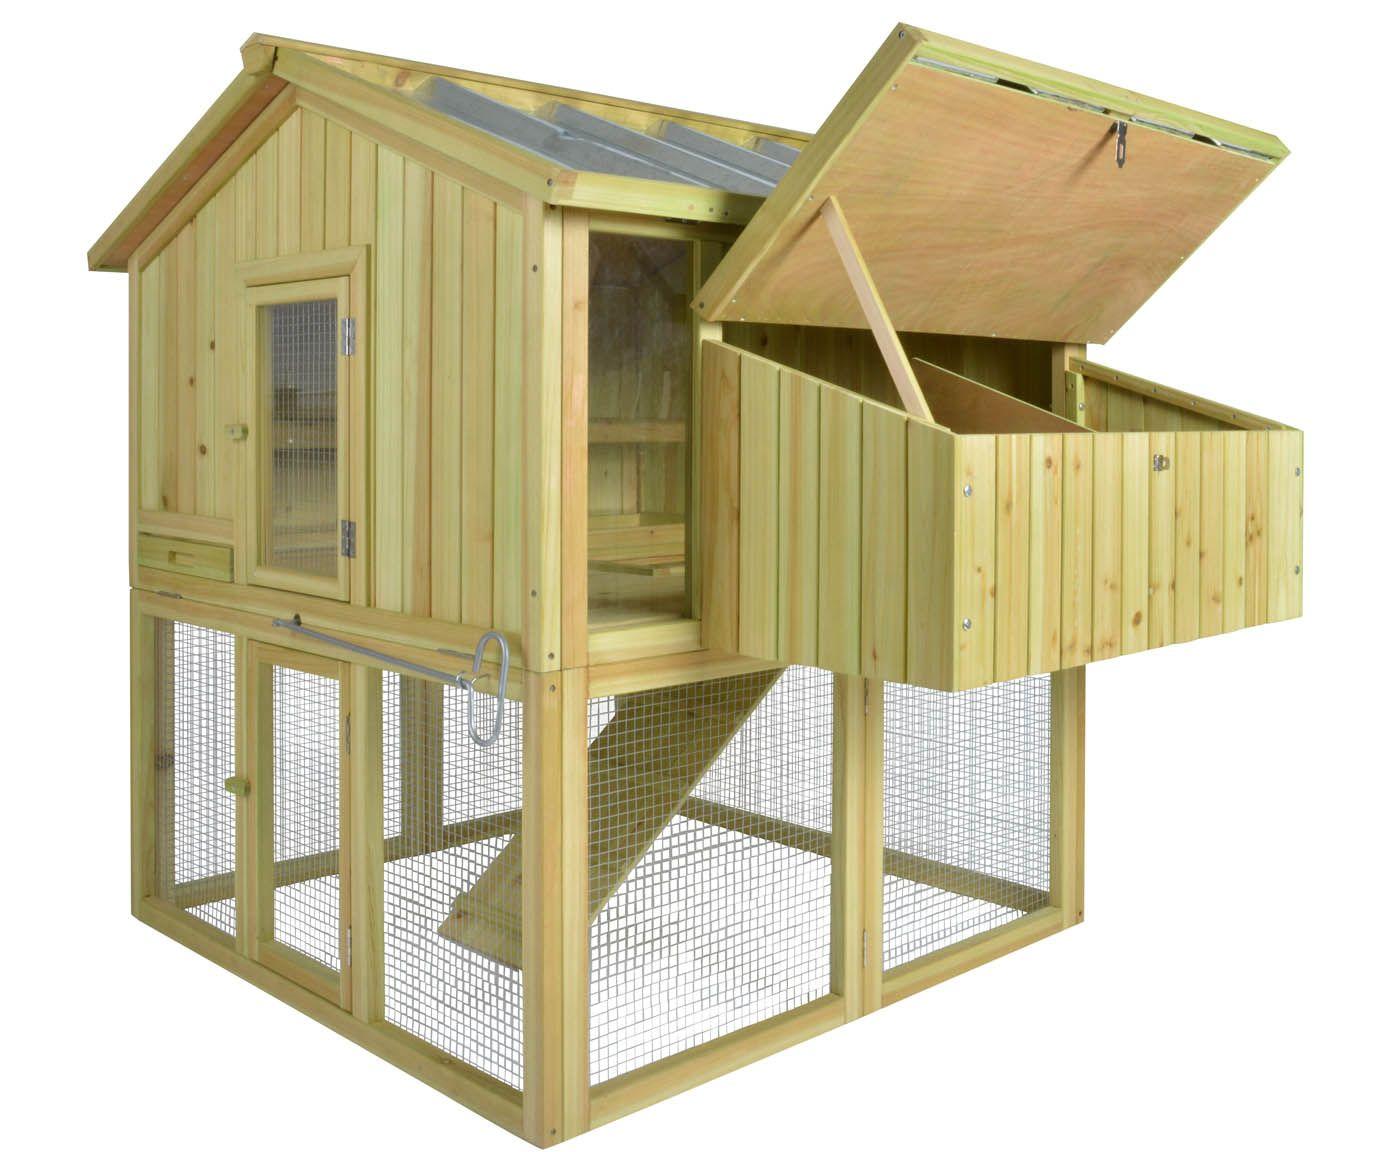 h hnerstall tom b 148 cm westwing home living. Black Bedroom Furniture Sets. Home Design Ideas